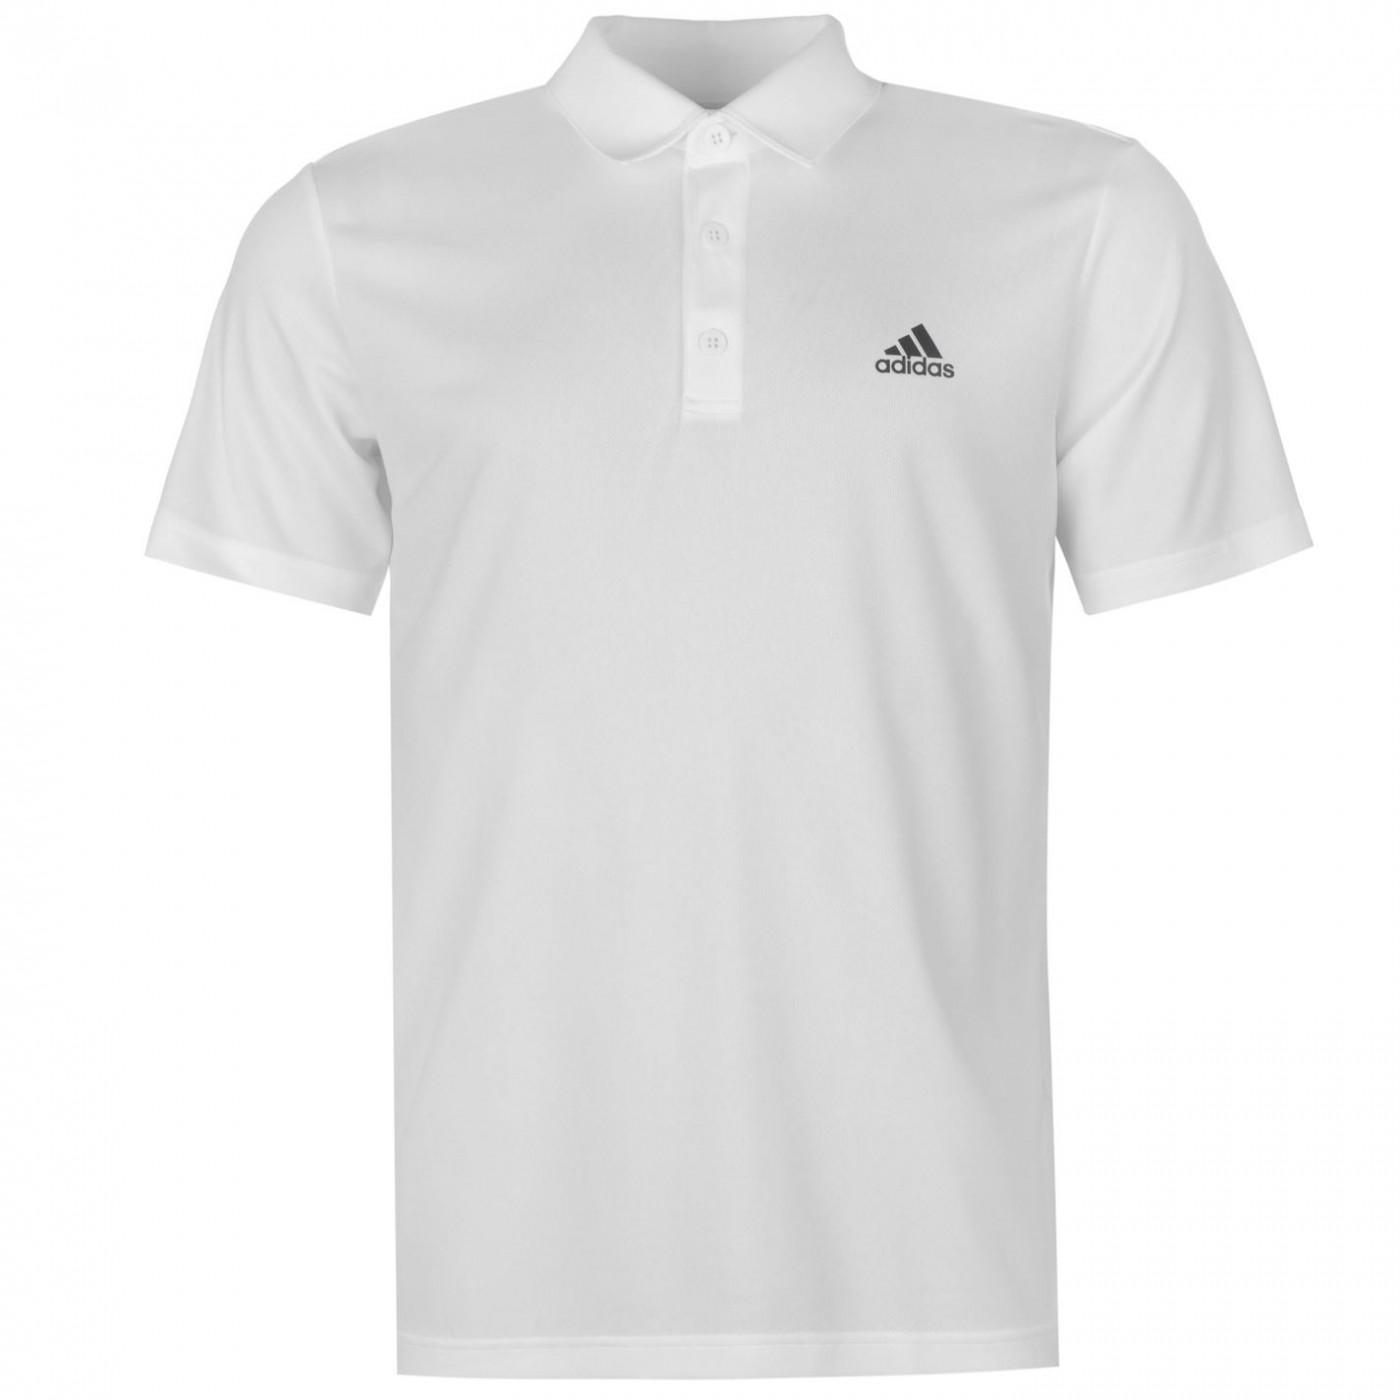 Men's polo Adidas Fab